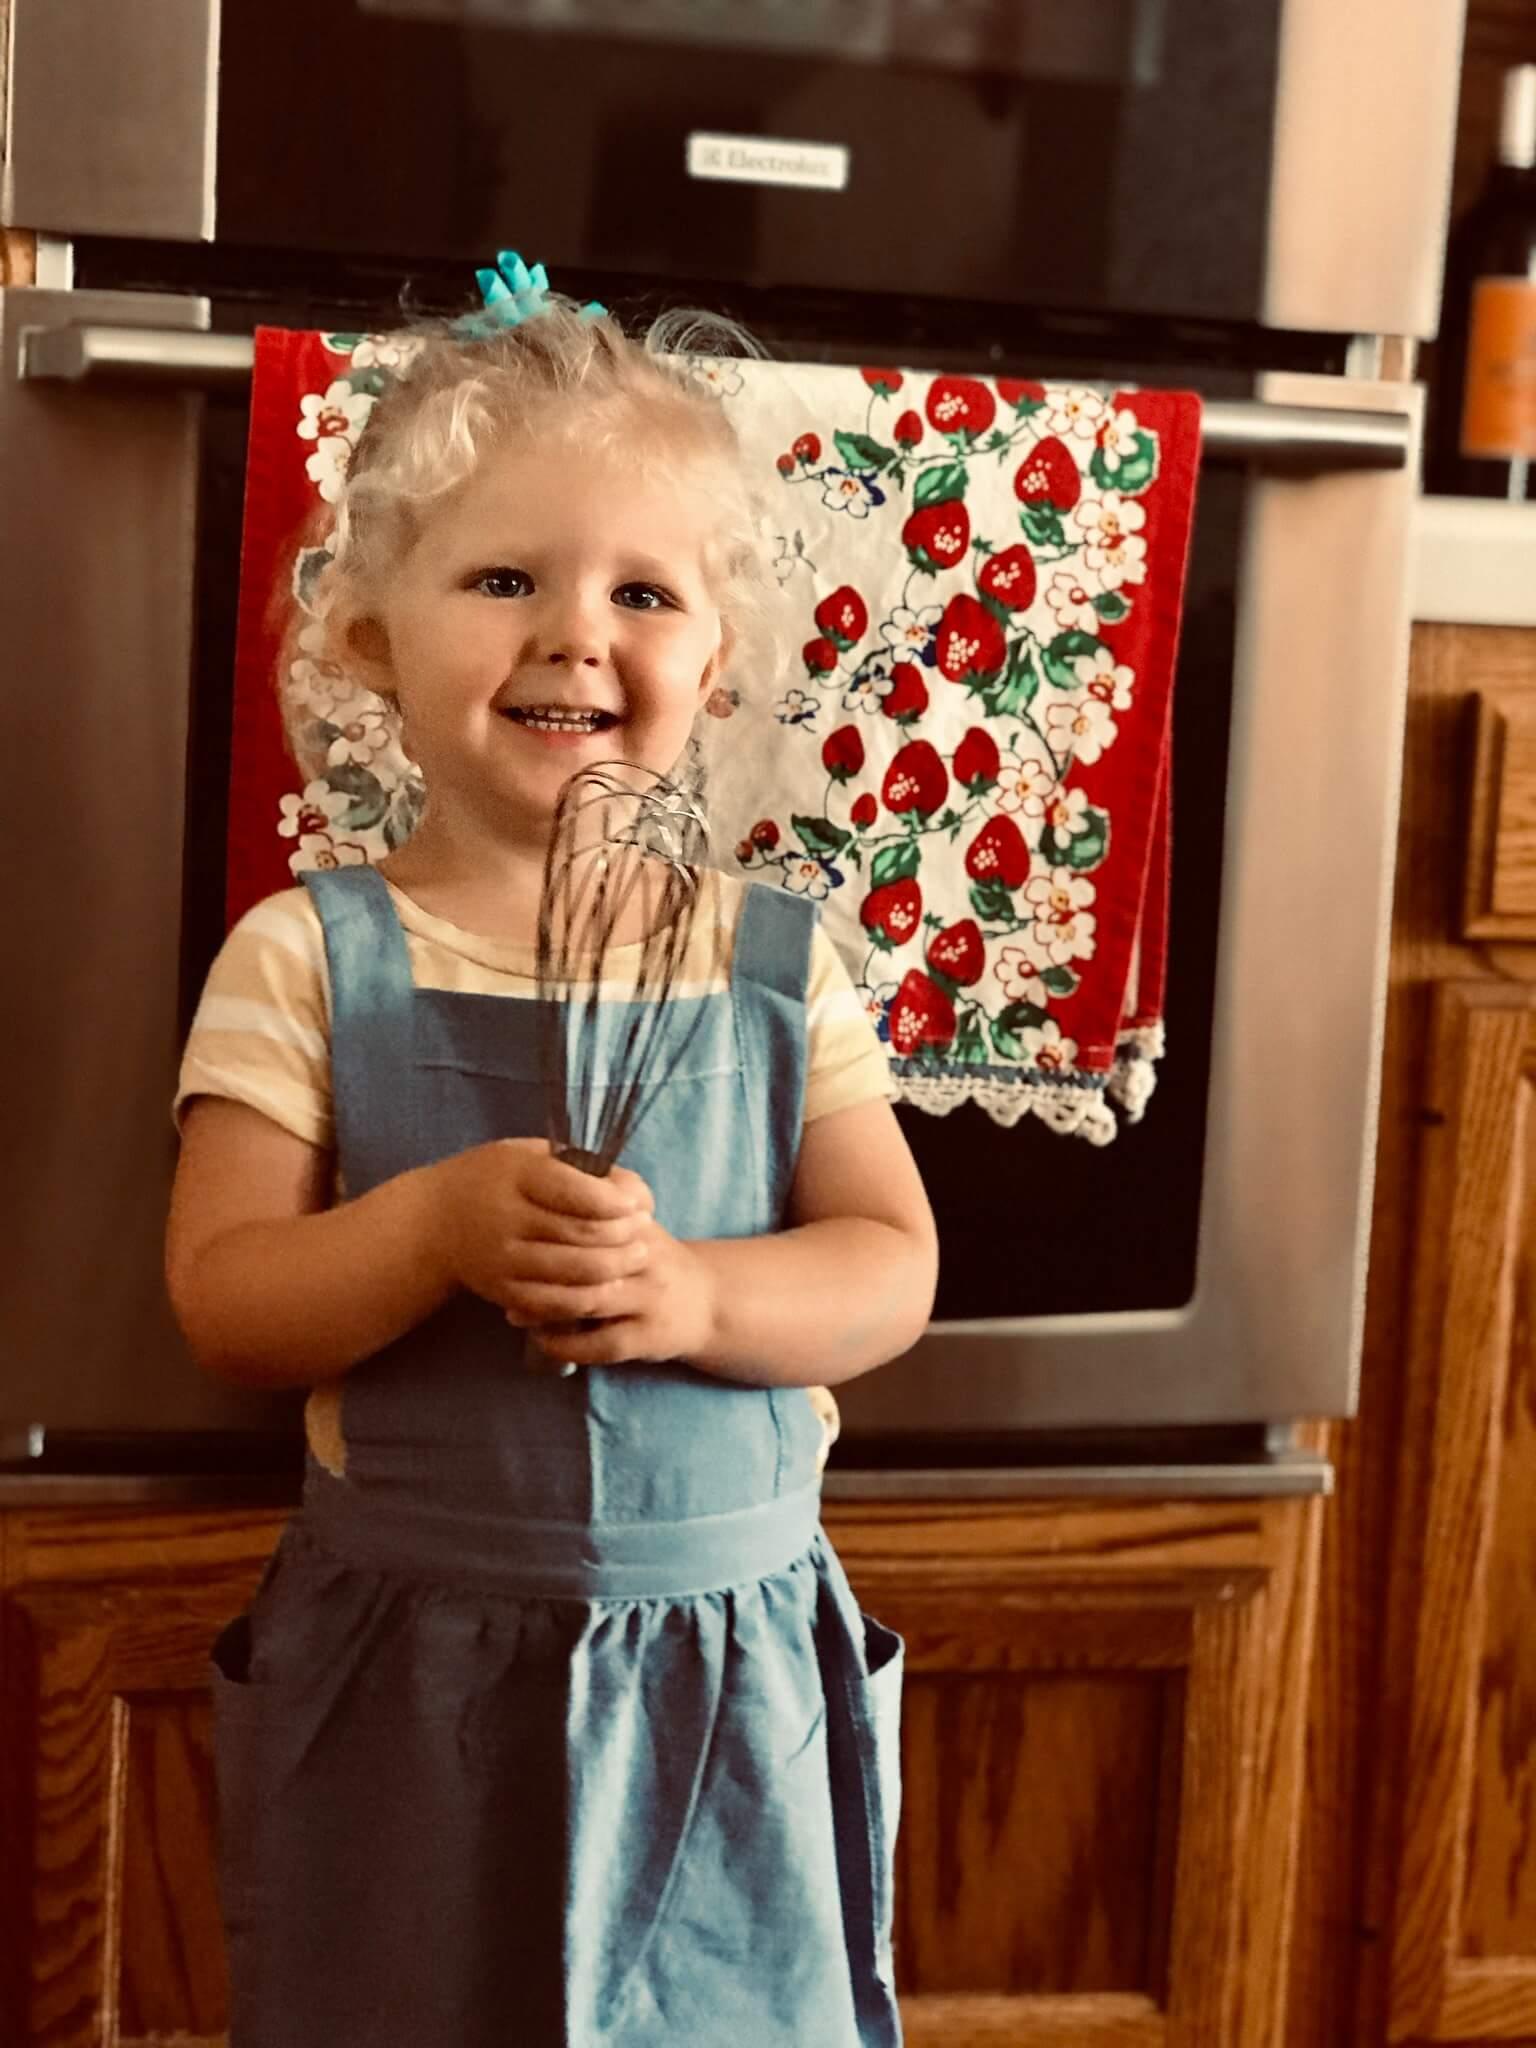 kid in kitchen holding whisk